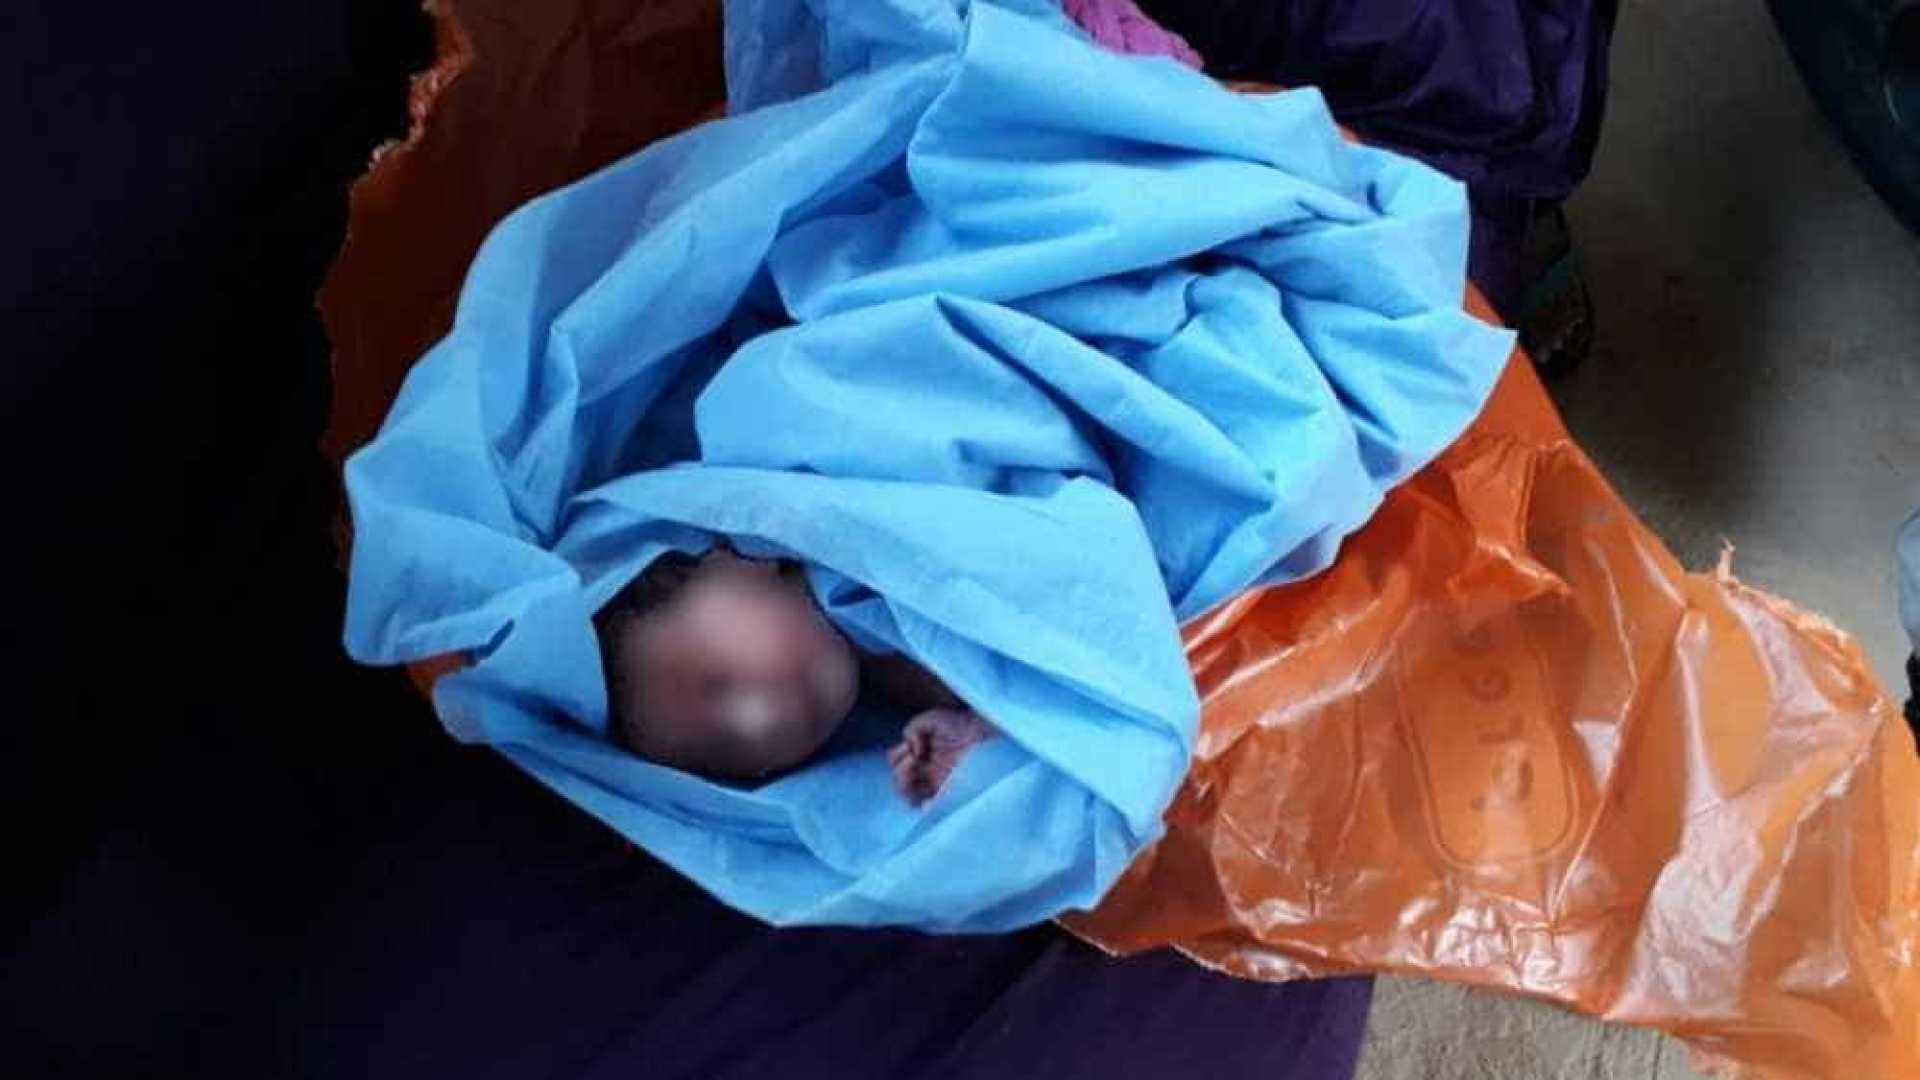 naom 5a82ff5345d24 - Bebê é achado, com cordão umbilical, dentro de saco plástico em lixo